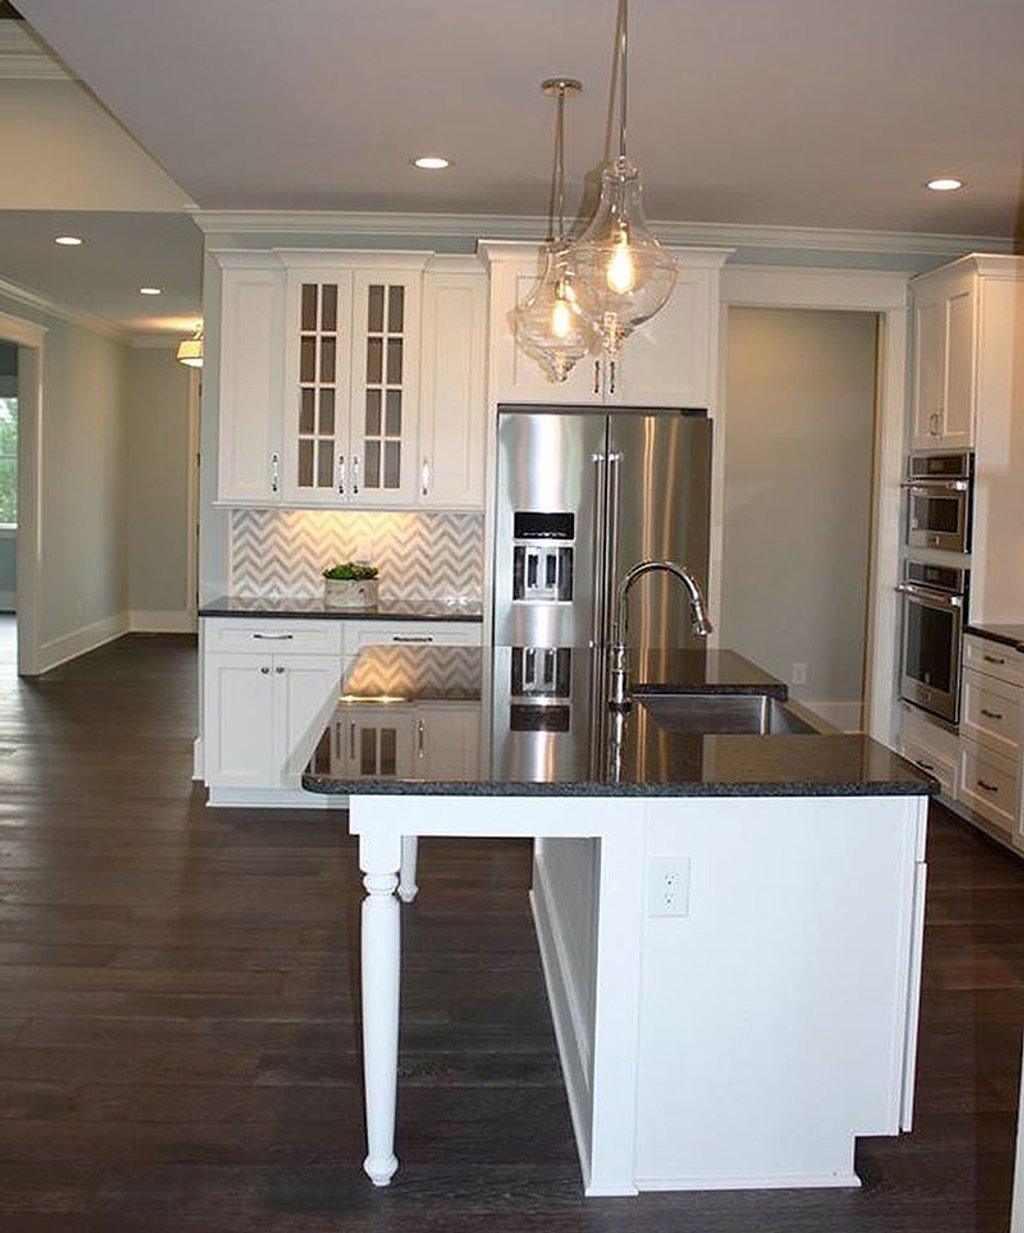 L Shaped Single Storey Homes Interior Design I J C Mobile: 4 Beds 4 Baths 3125 Sq/Ft Plan